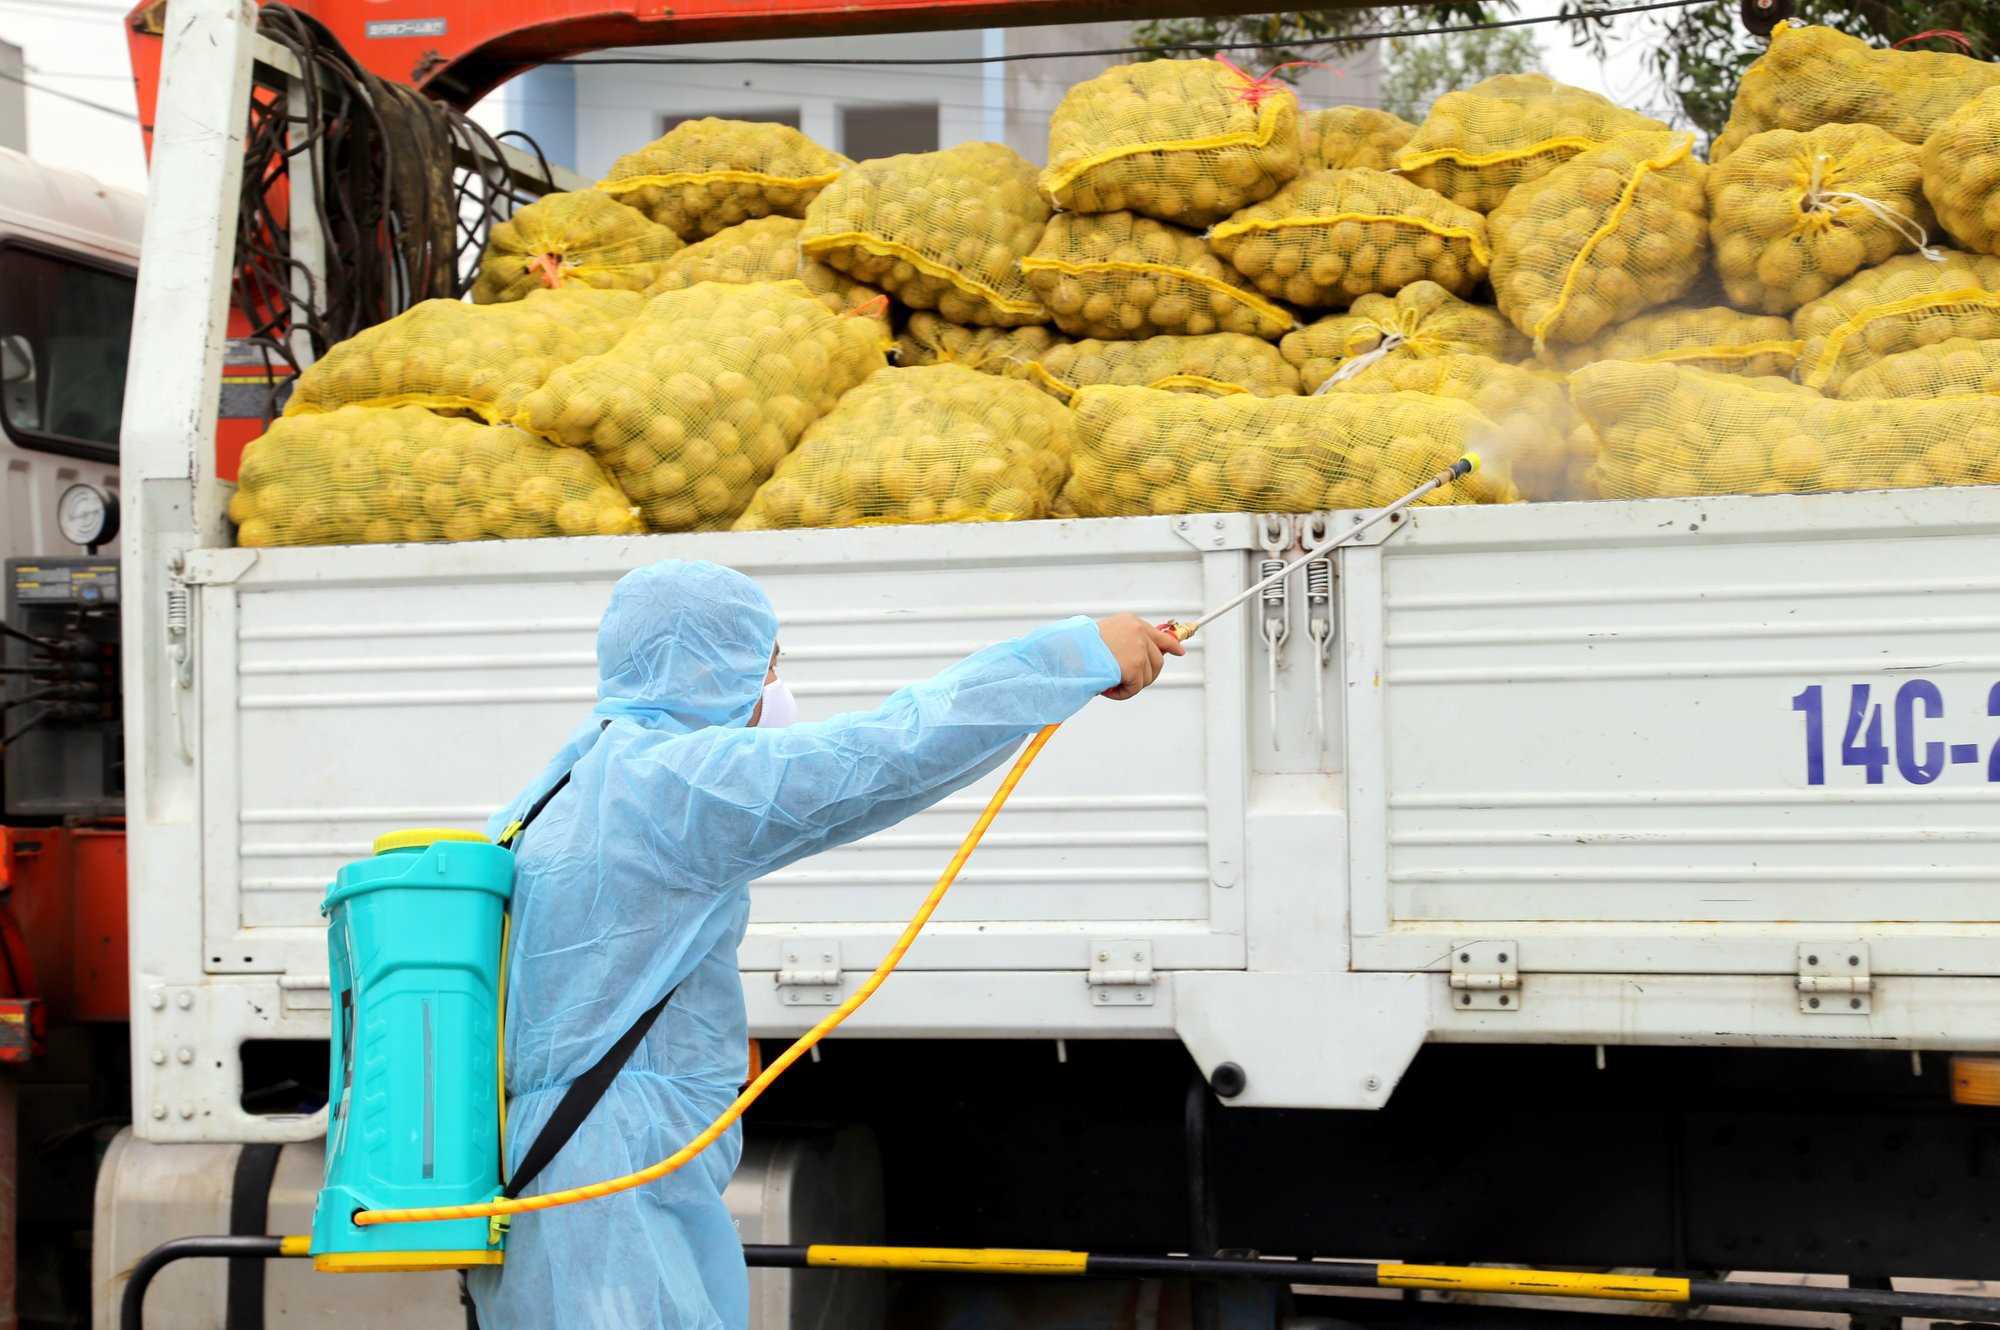 Quảng Ninh kết nối tiêu thụ thành công nông sản cho người dân bị ảnh hưởng bởi dịch Covid-19 - Ảnh 1.